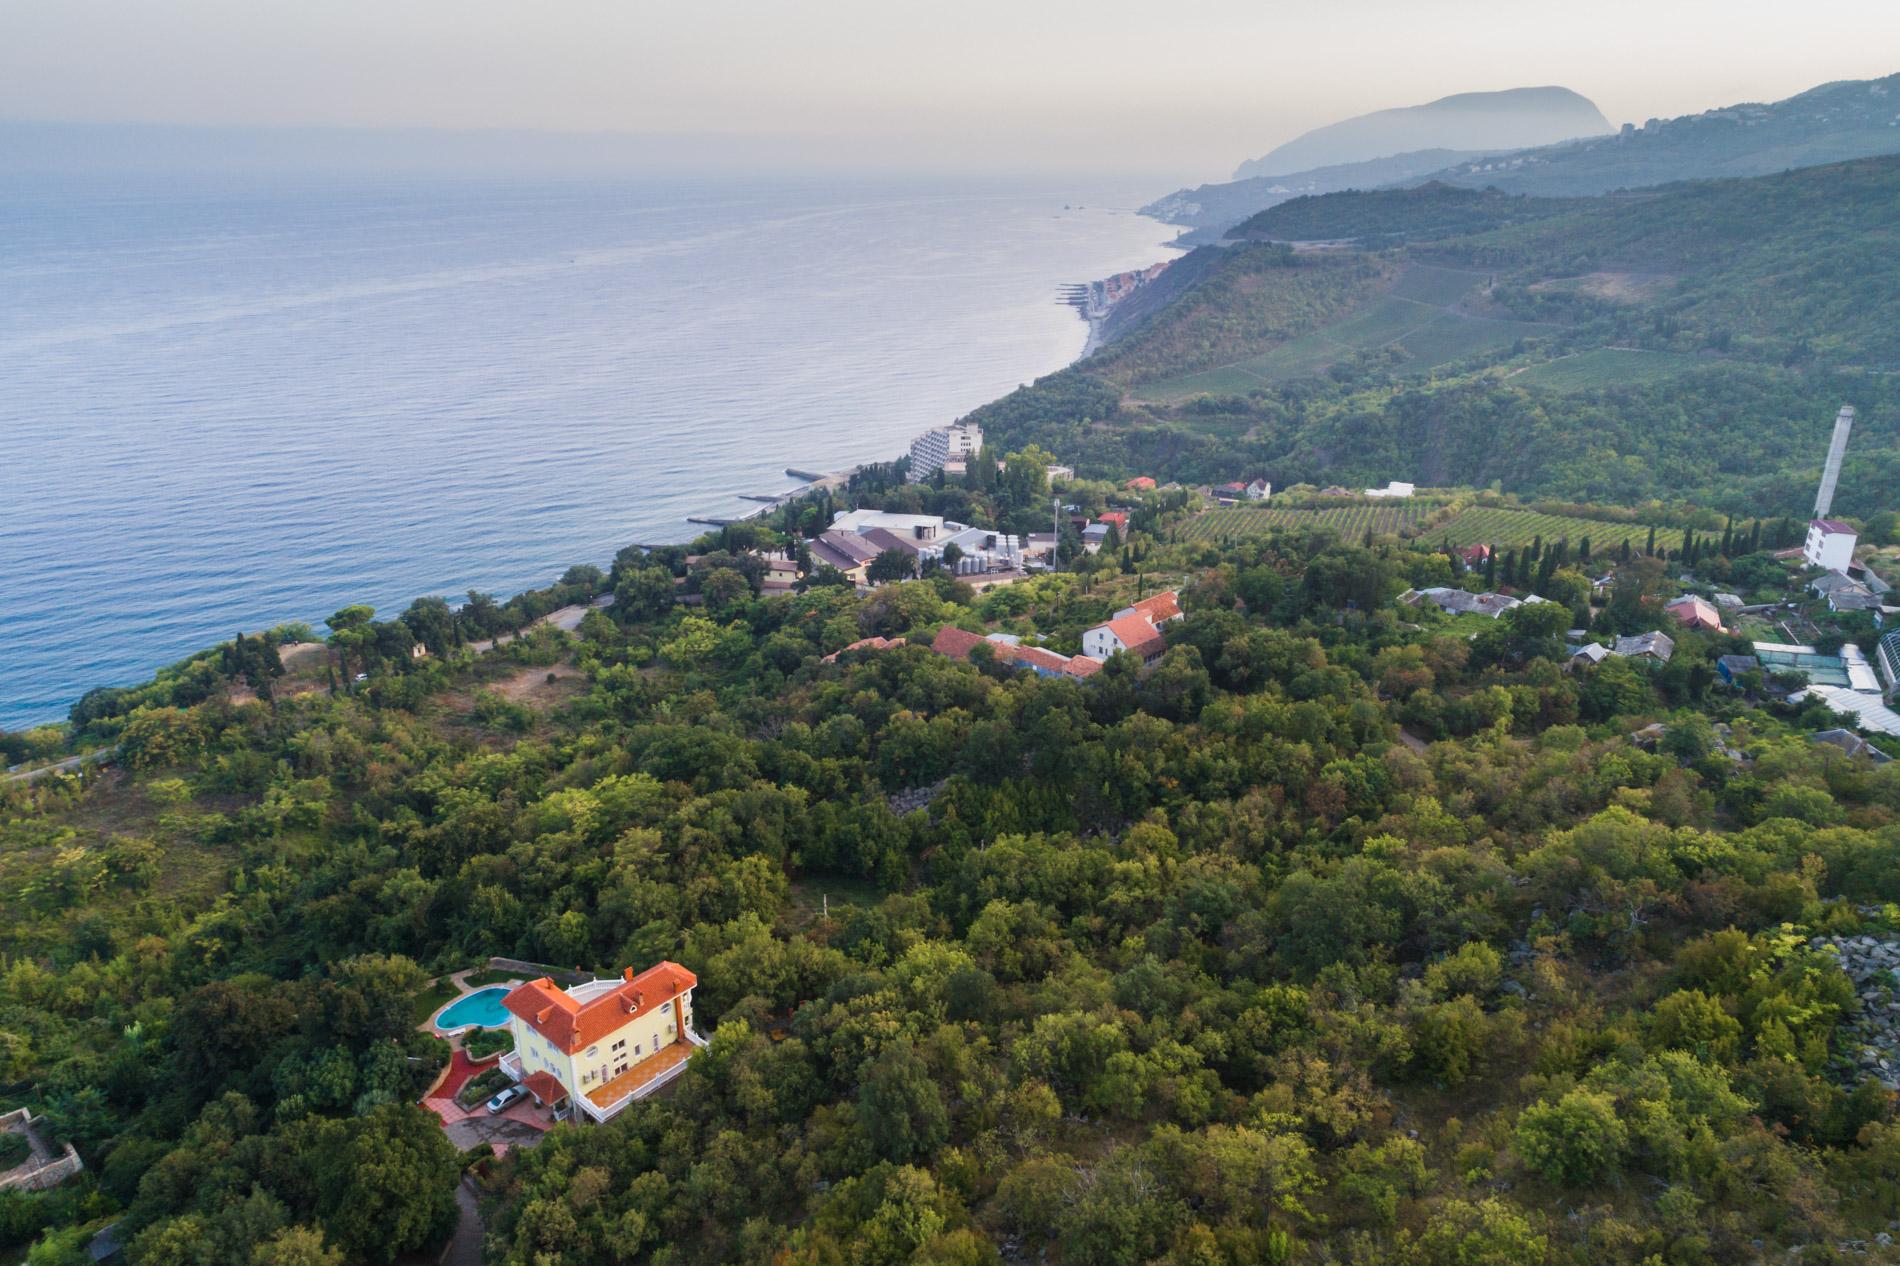 Съемка земельных участков в Крыму. Фото и видео!